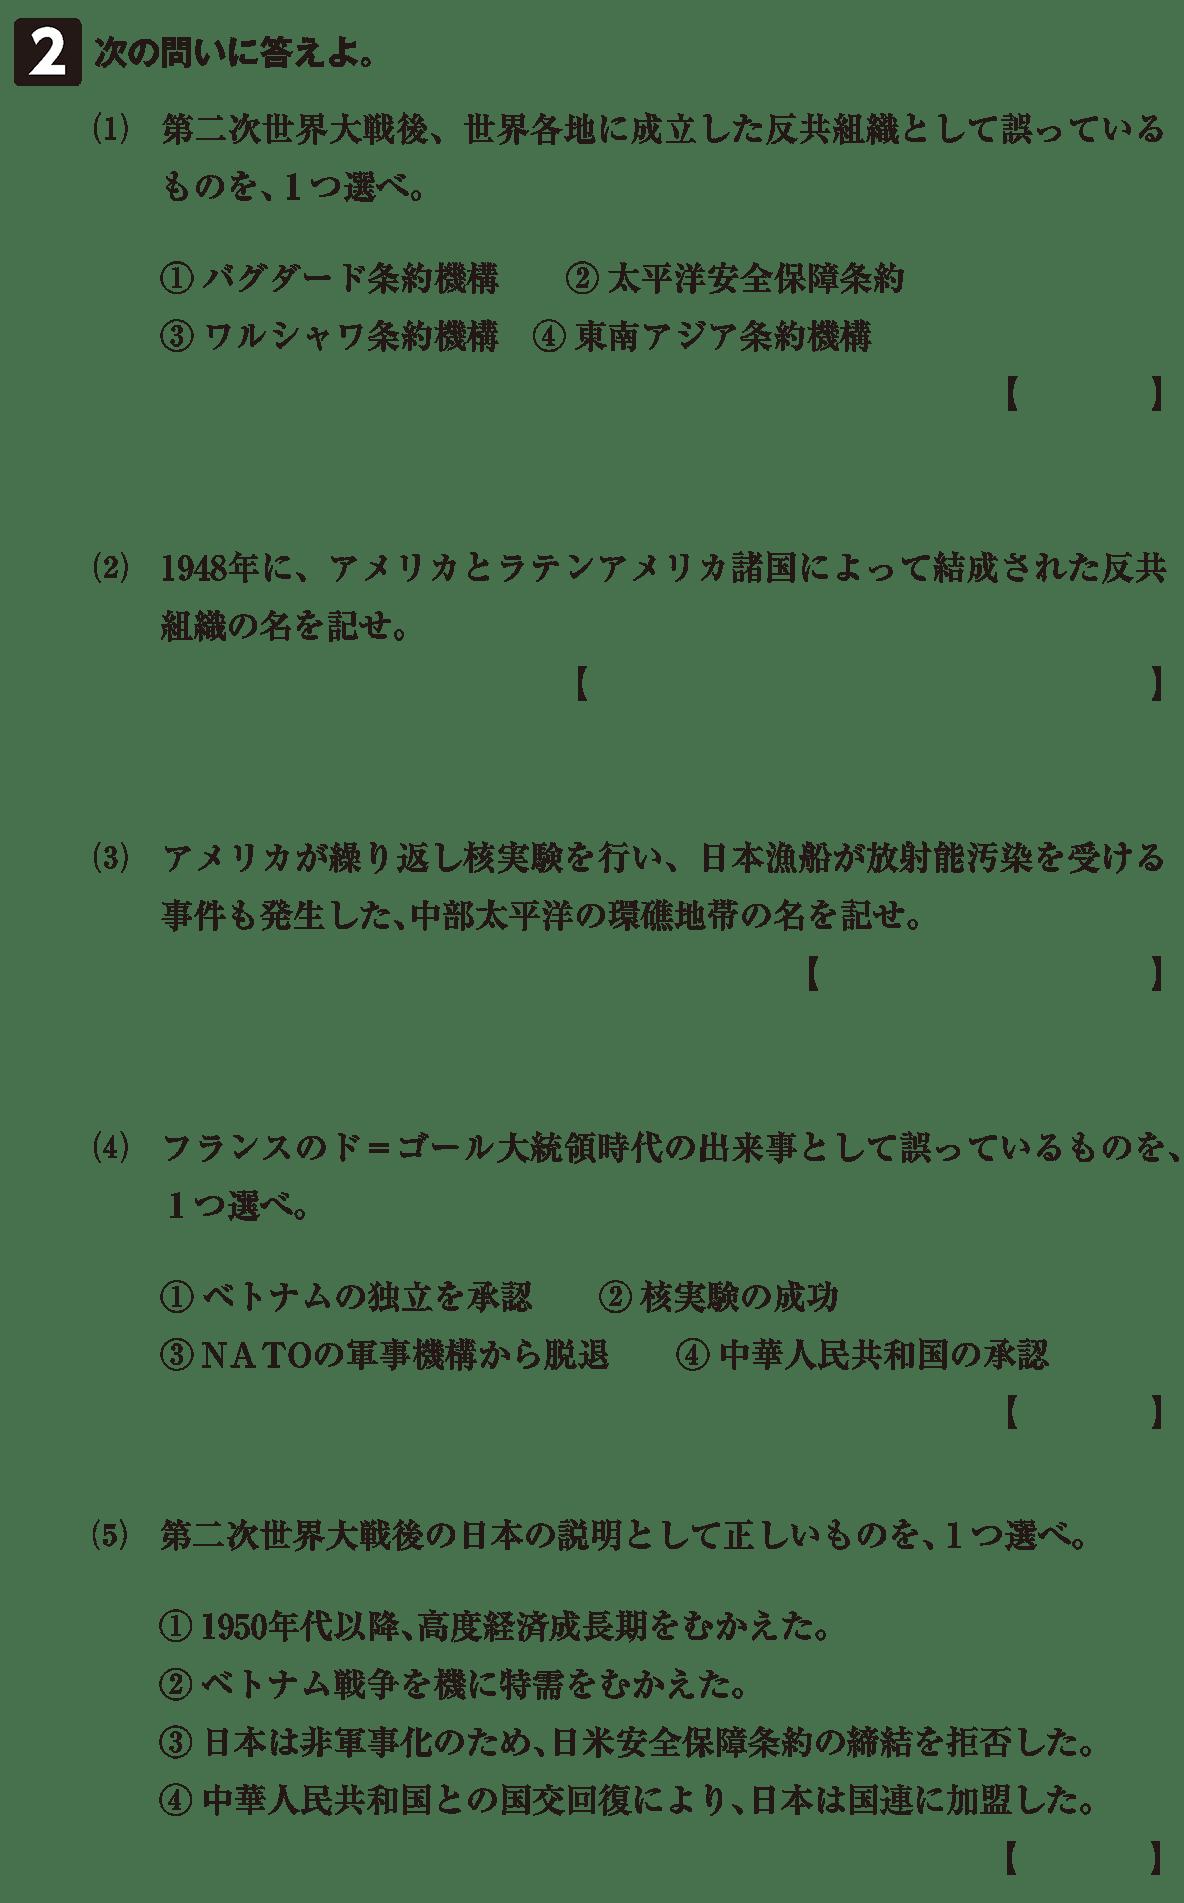 冷戦の激化と西欧・日本の経済復興6 確認テスト(後半)